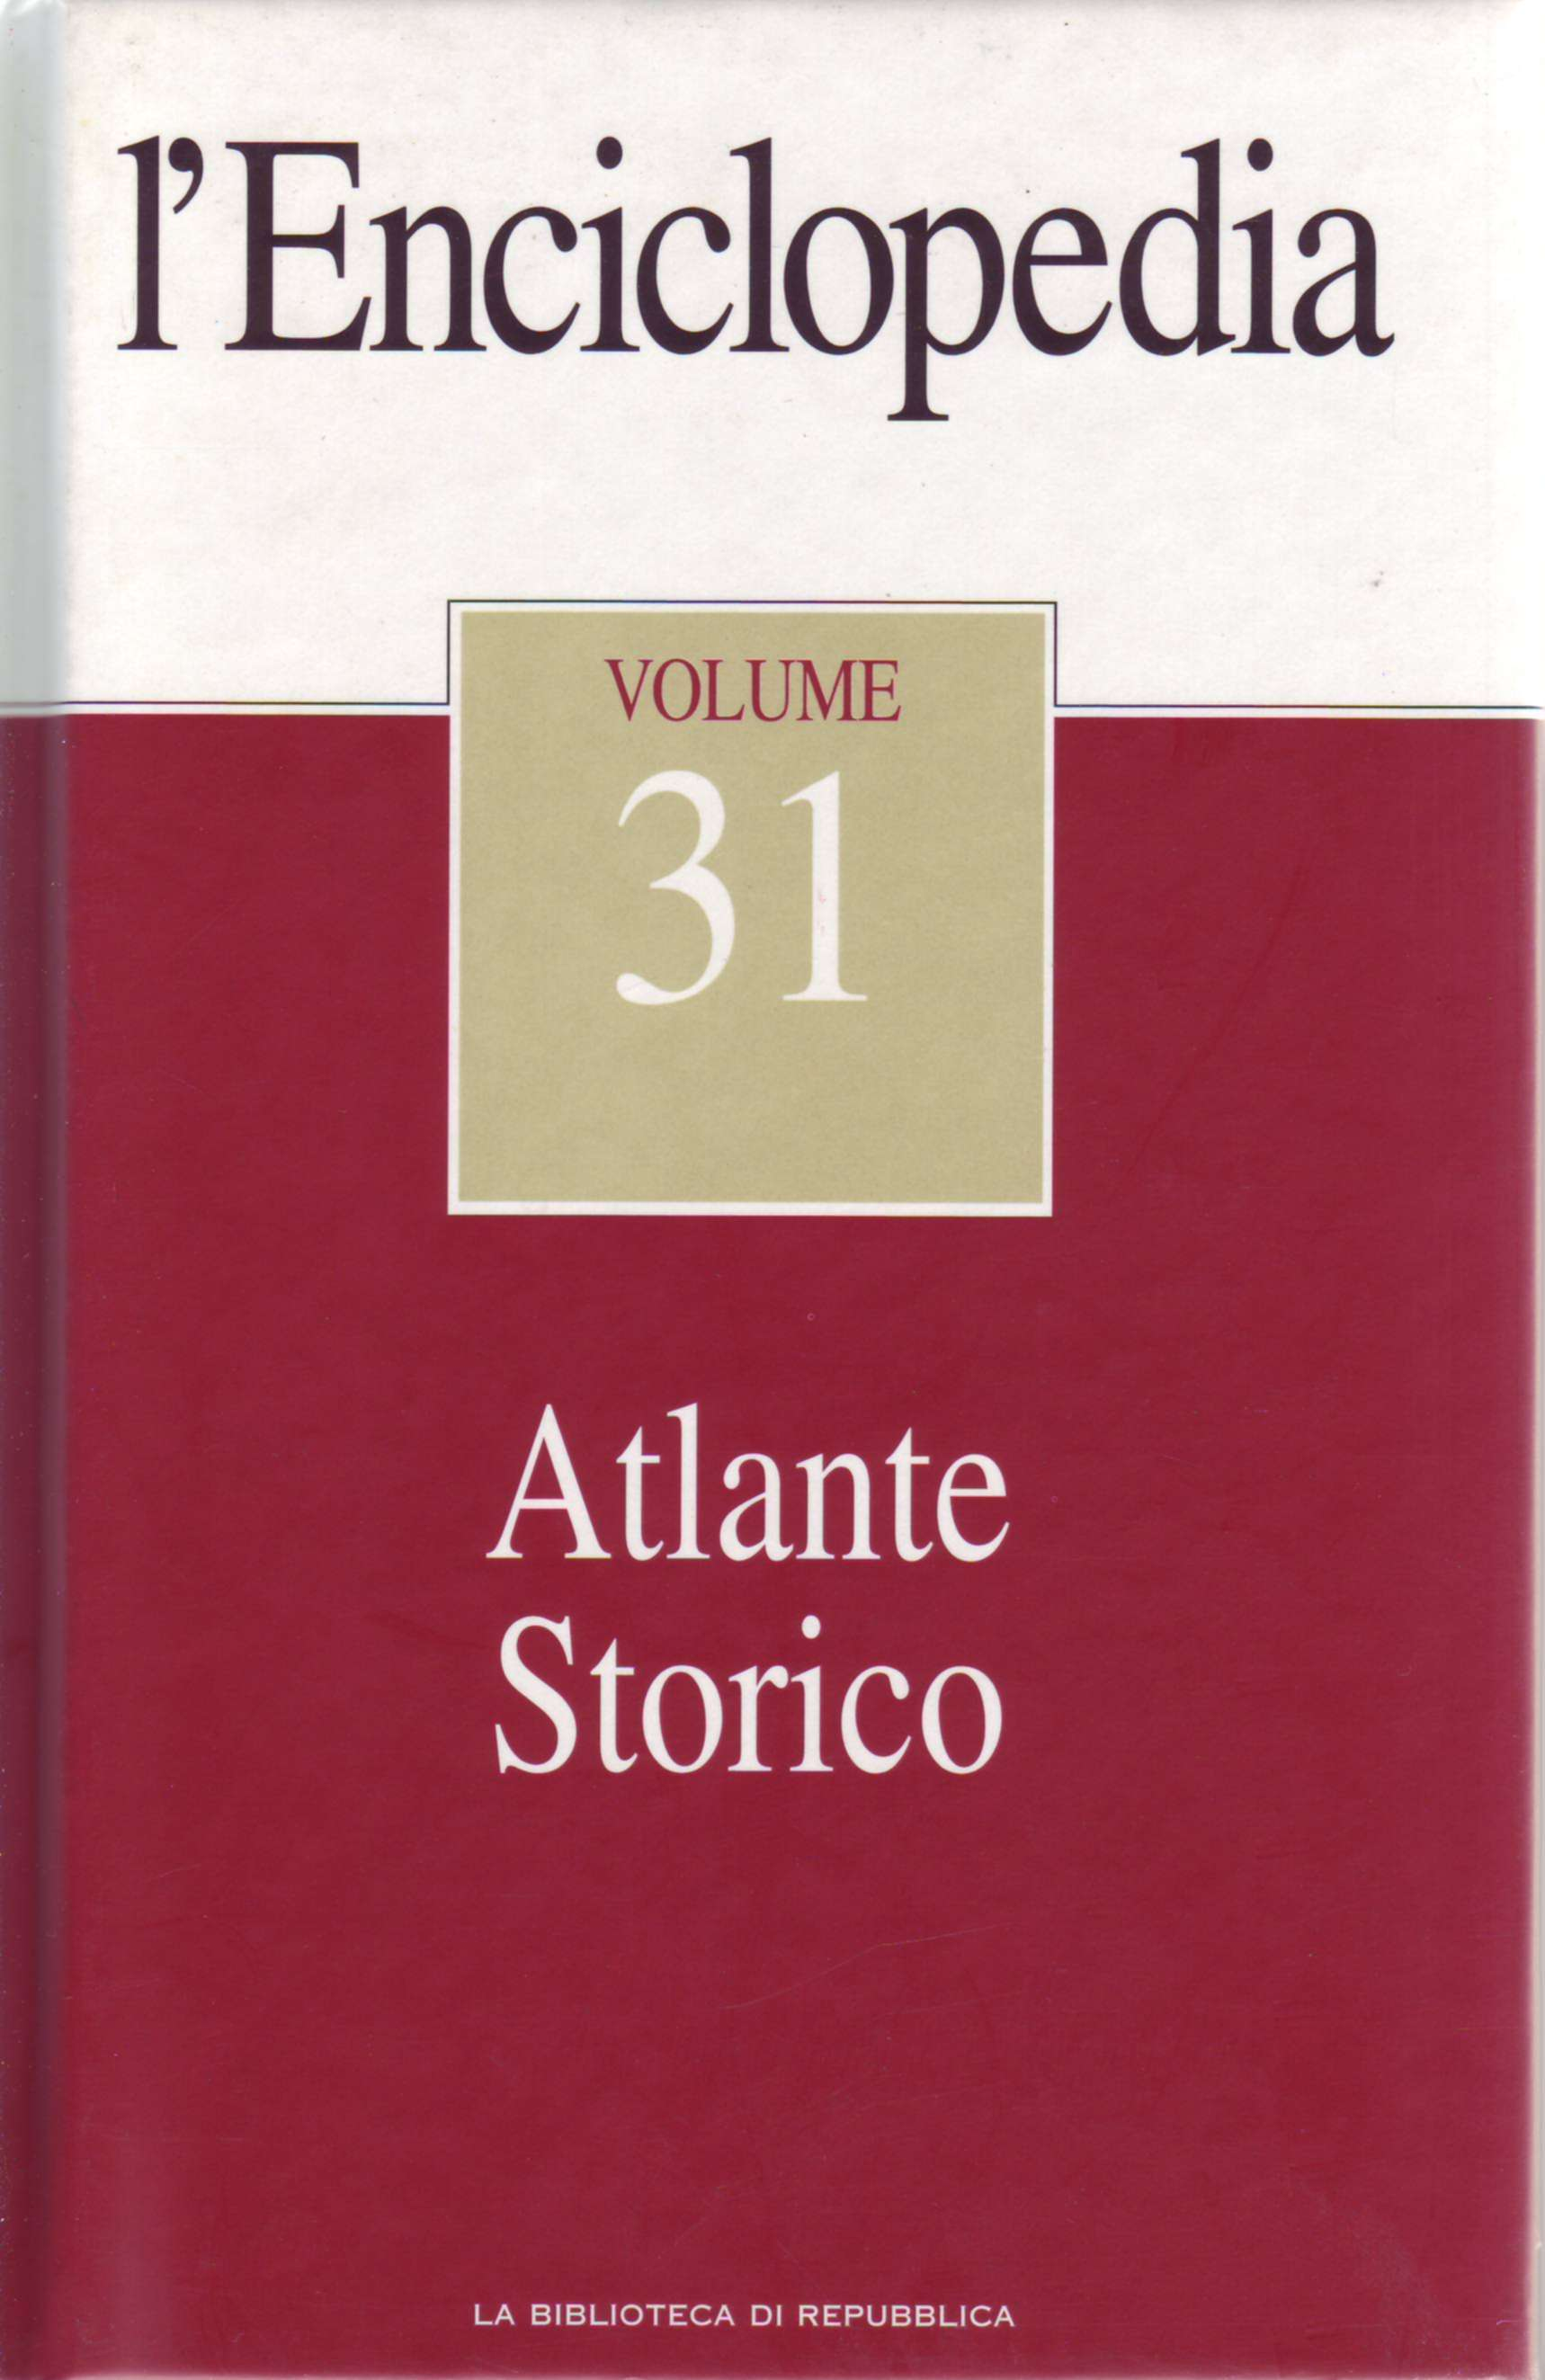 L'Enciclopedia - Vol. 31 - Atlante Storico